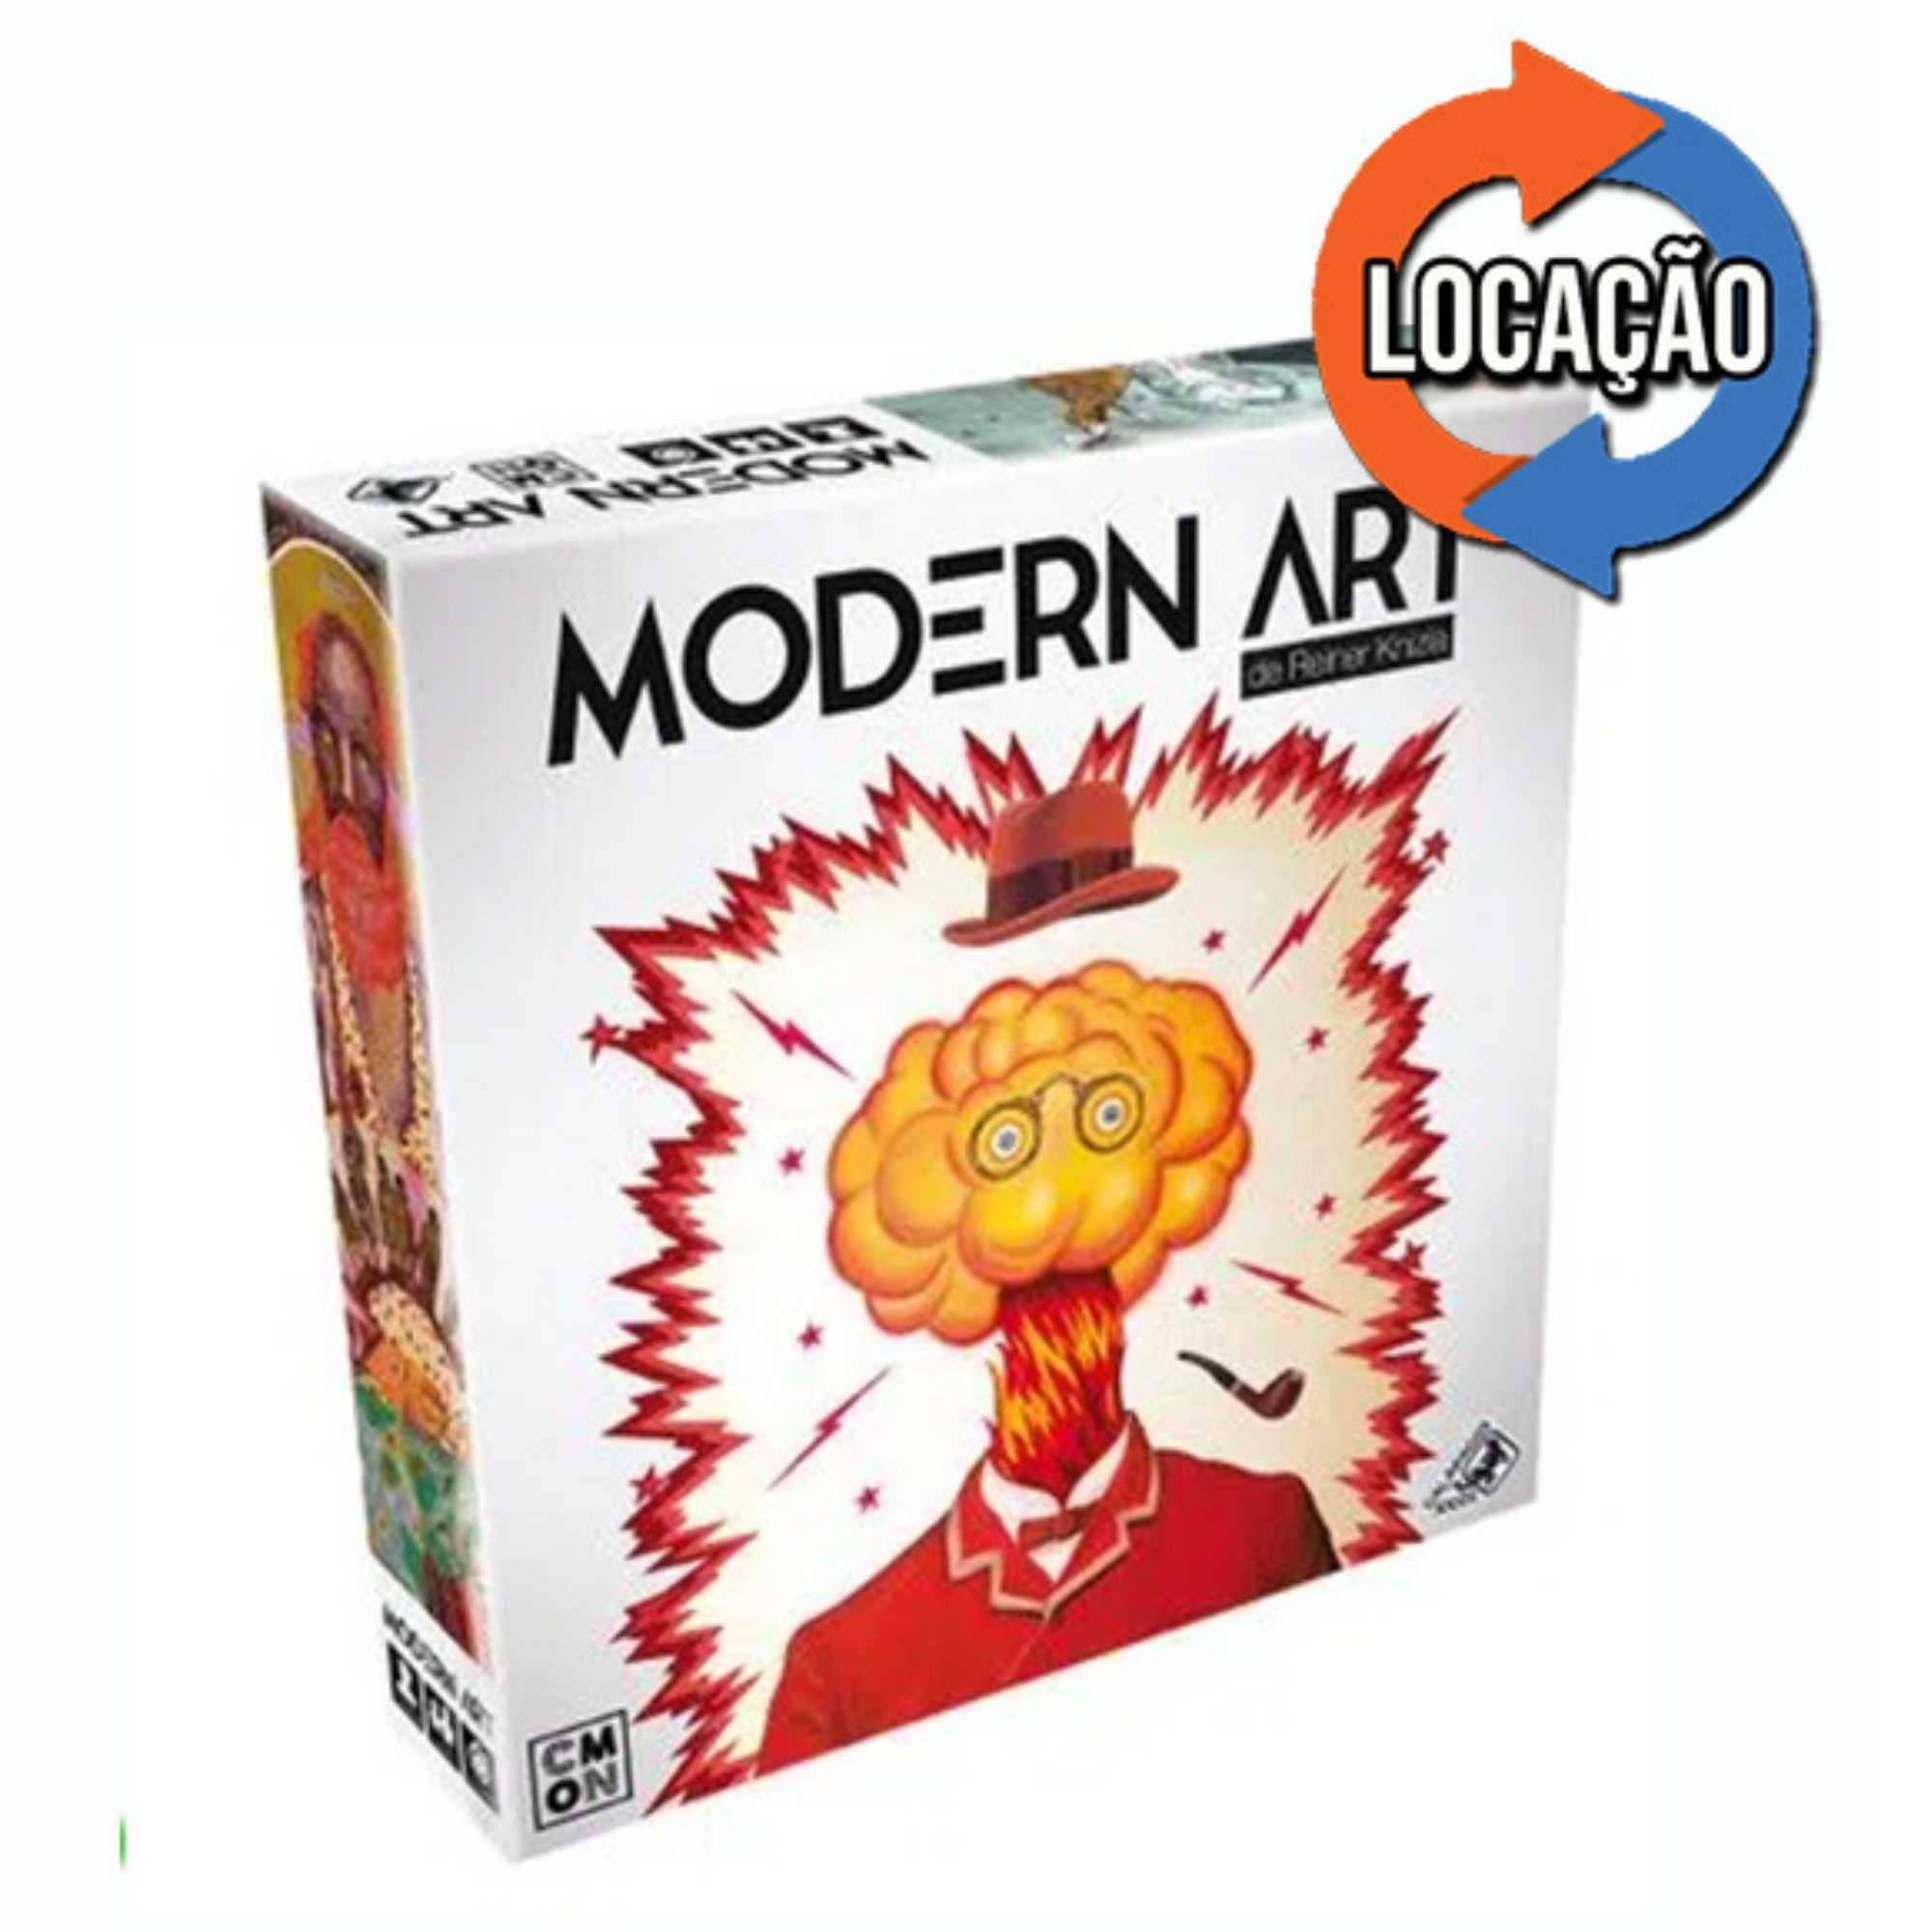 Modern Art Boardgame (Locação)